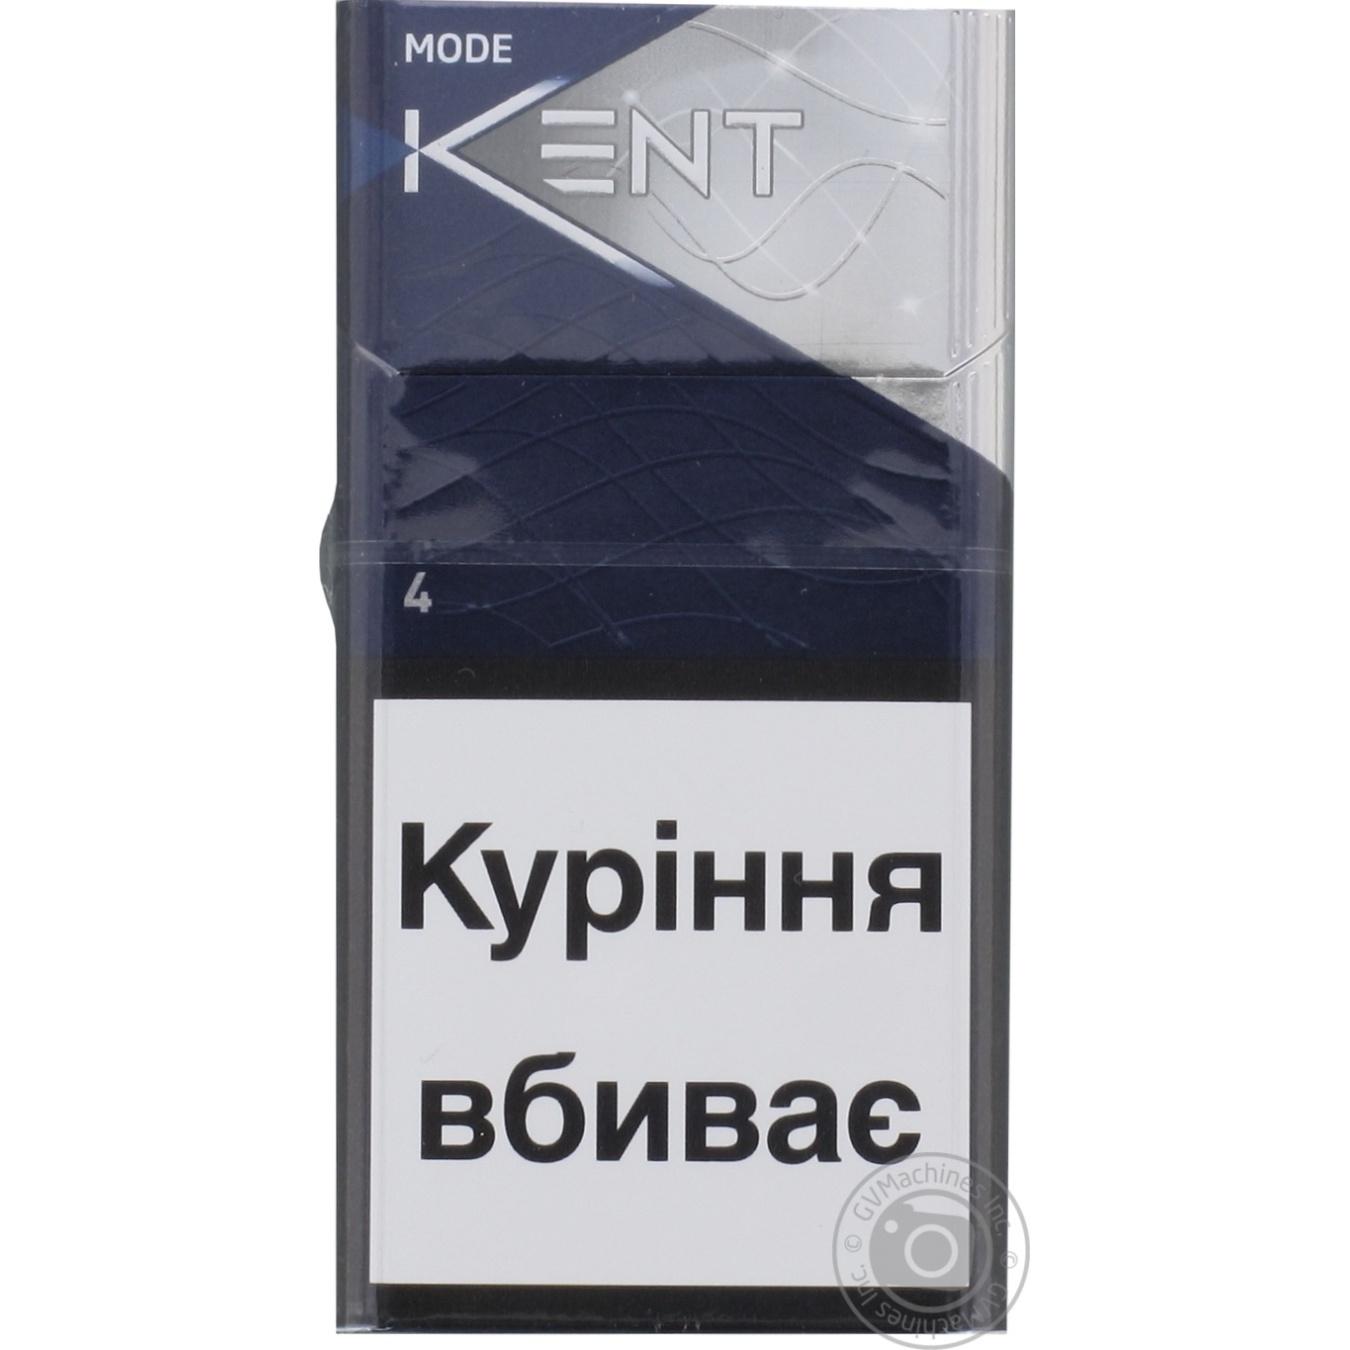 Сигареты кент купить интернет магазин сигареты без акцизов оптом